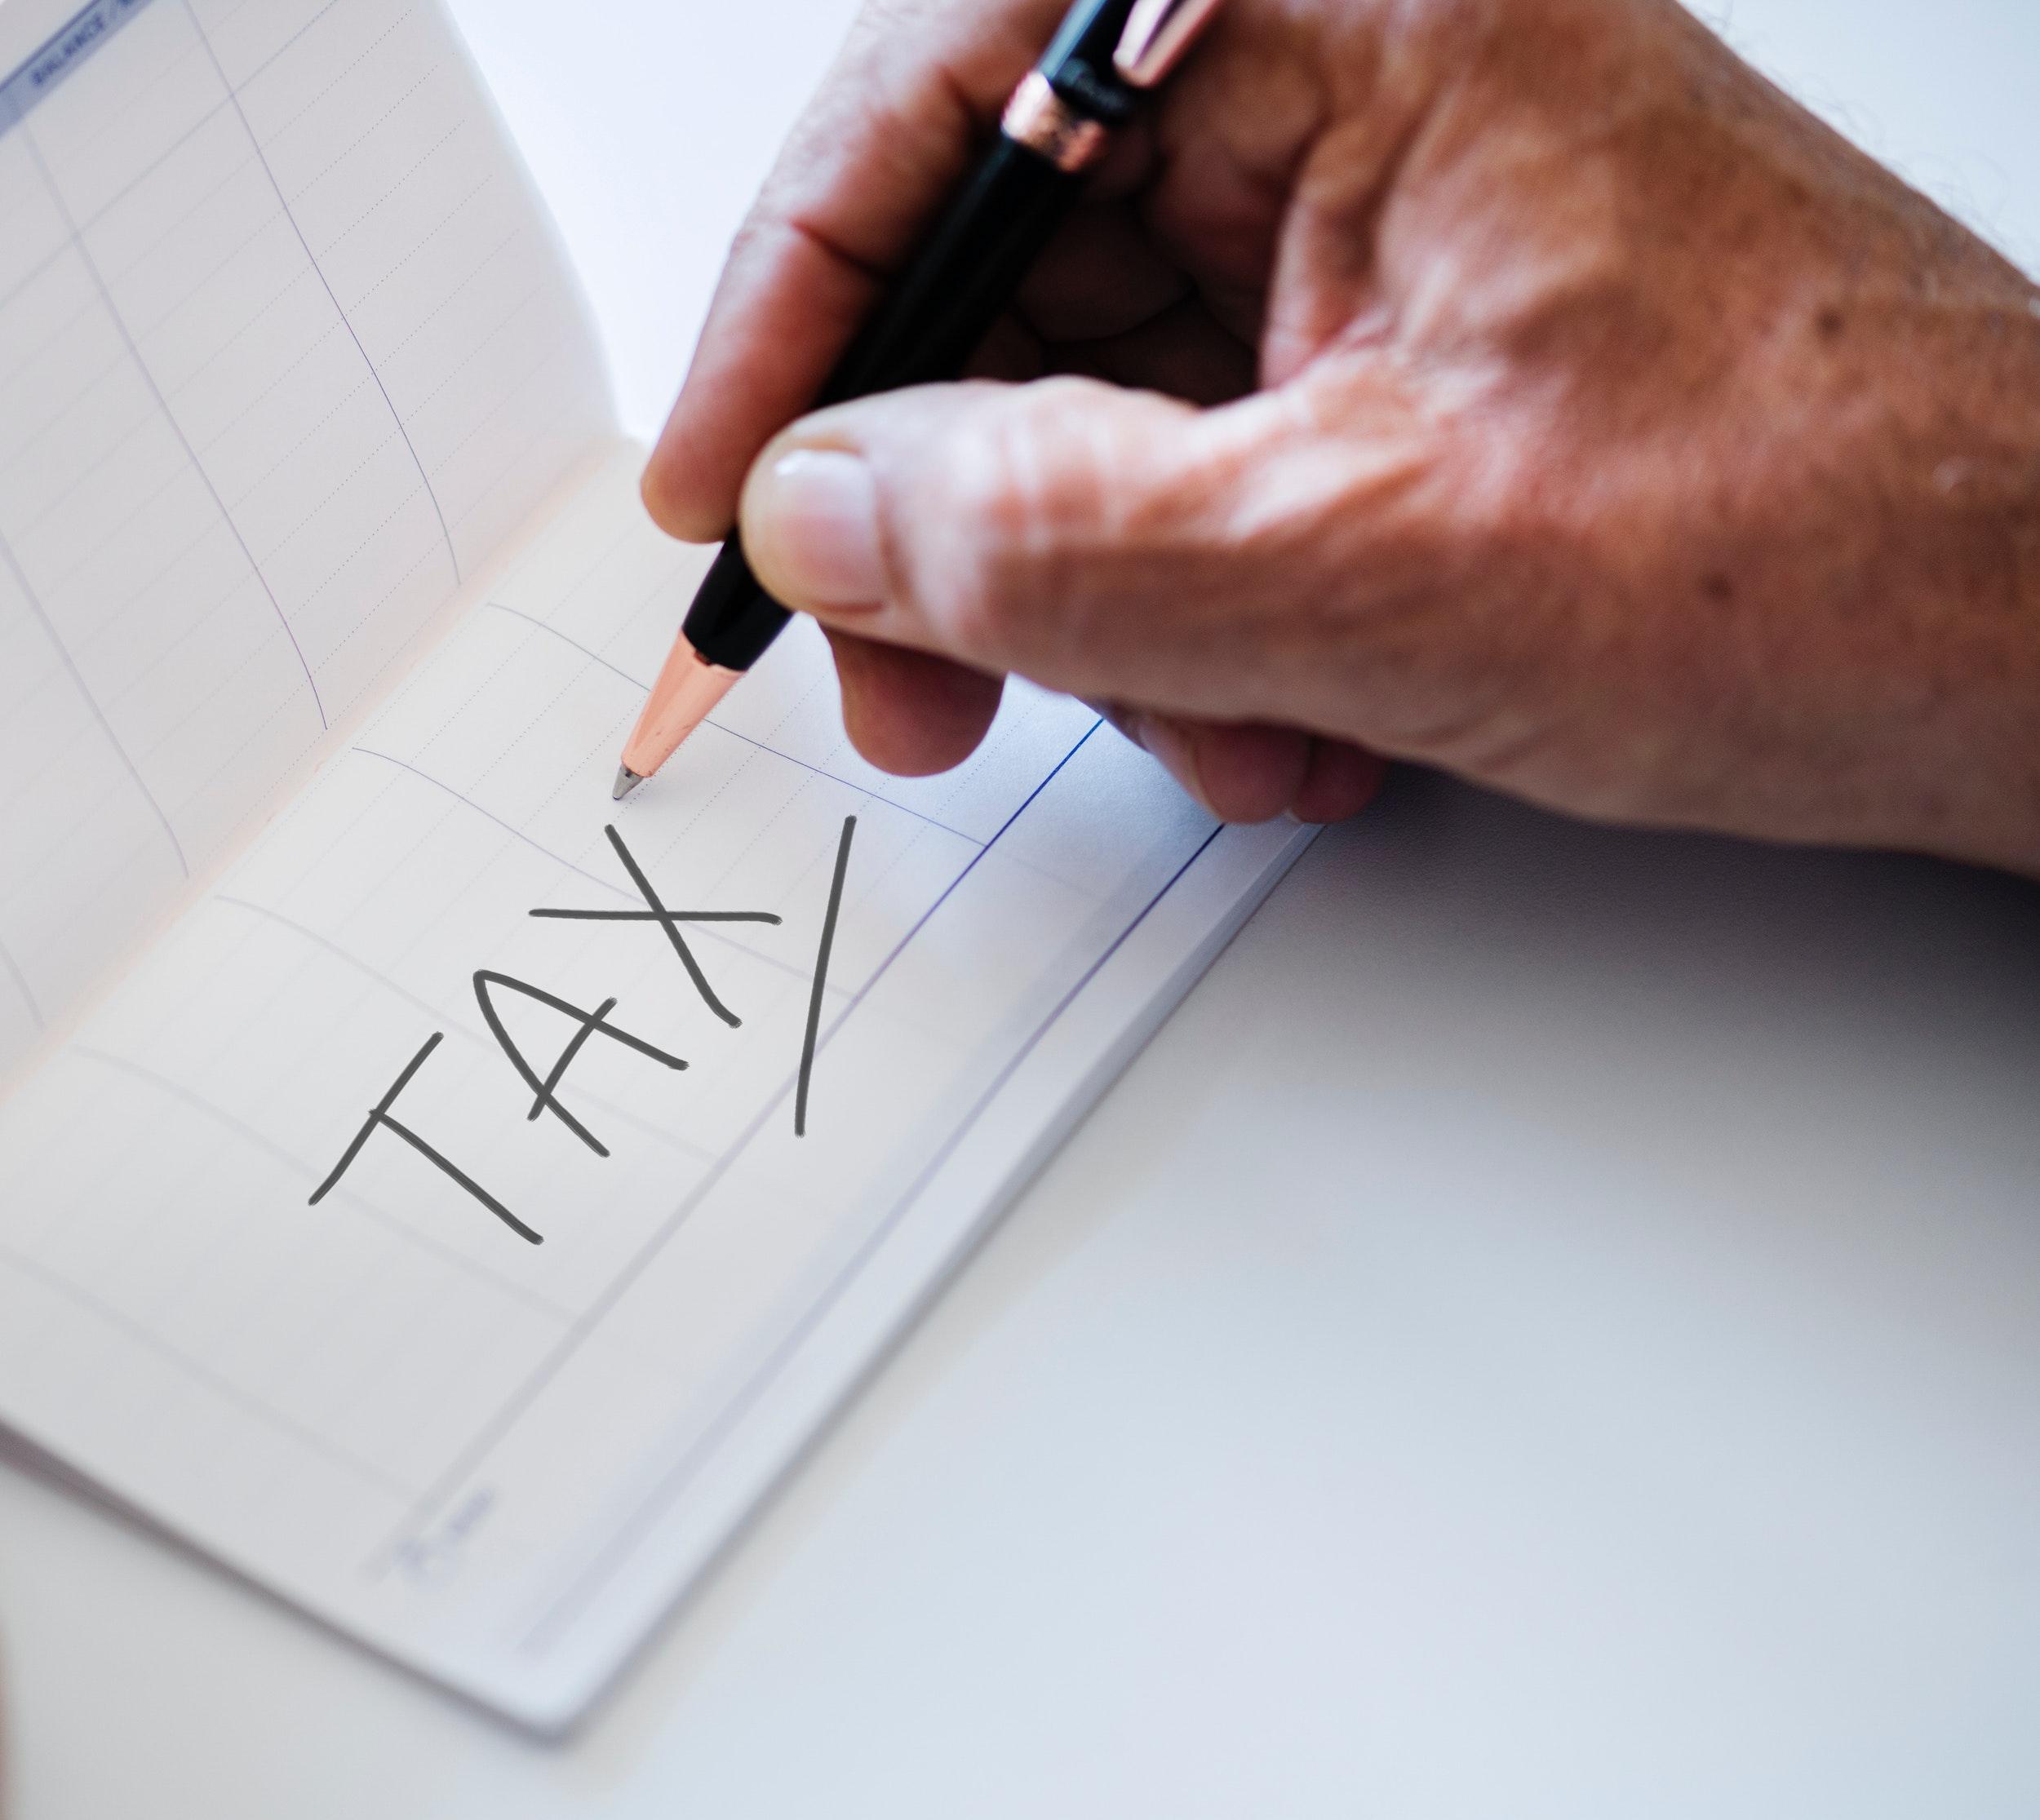 新移民与留学生节税须知:美国税务居民VS非税务居民